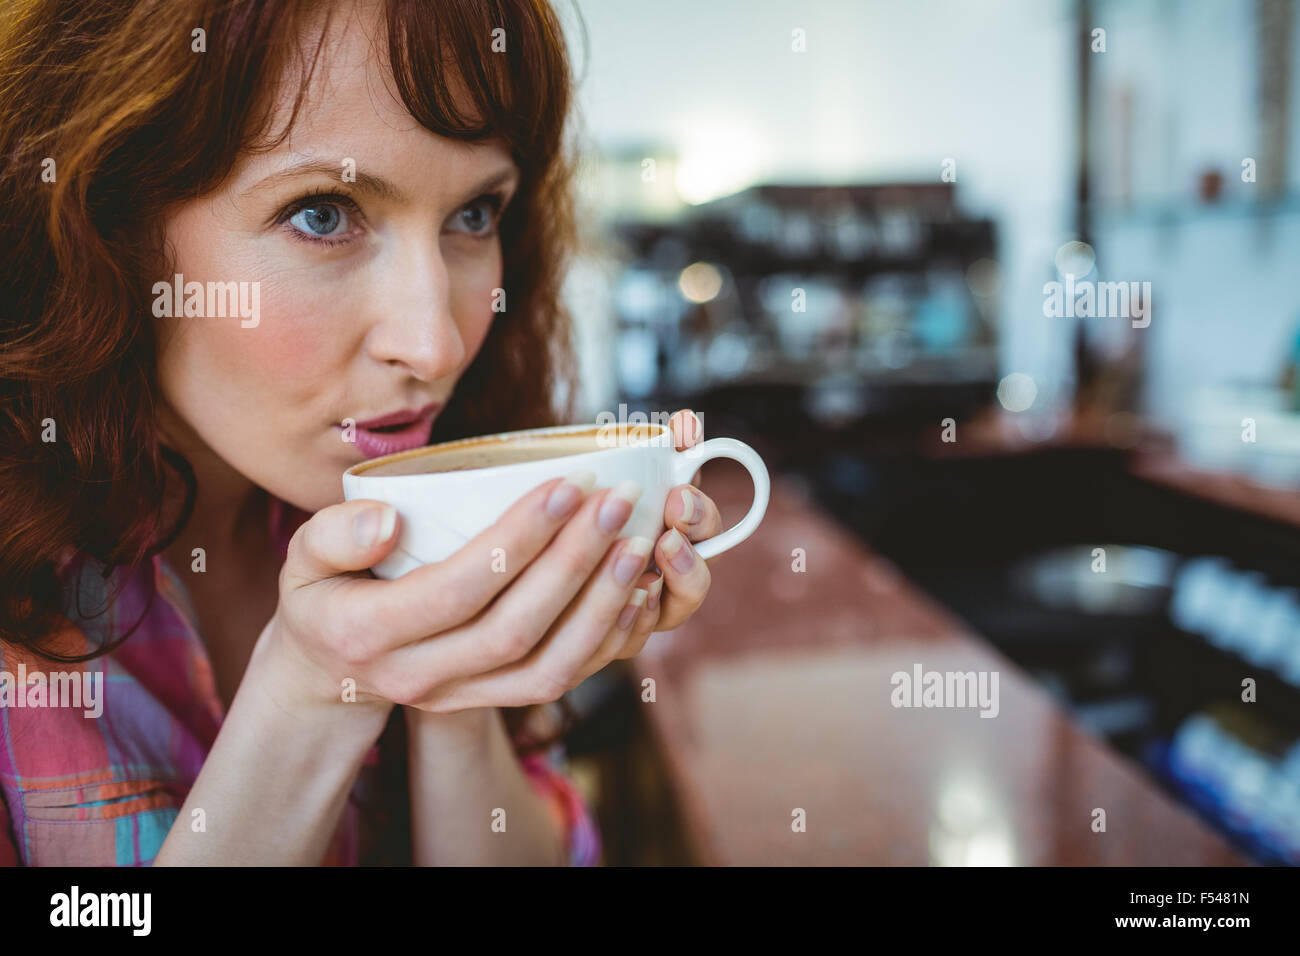 Erwachsener Schüler ihren Kaffee schlürfen Stockbild